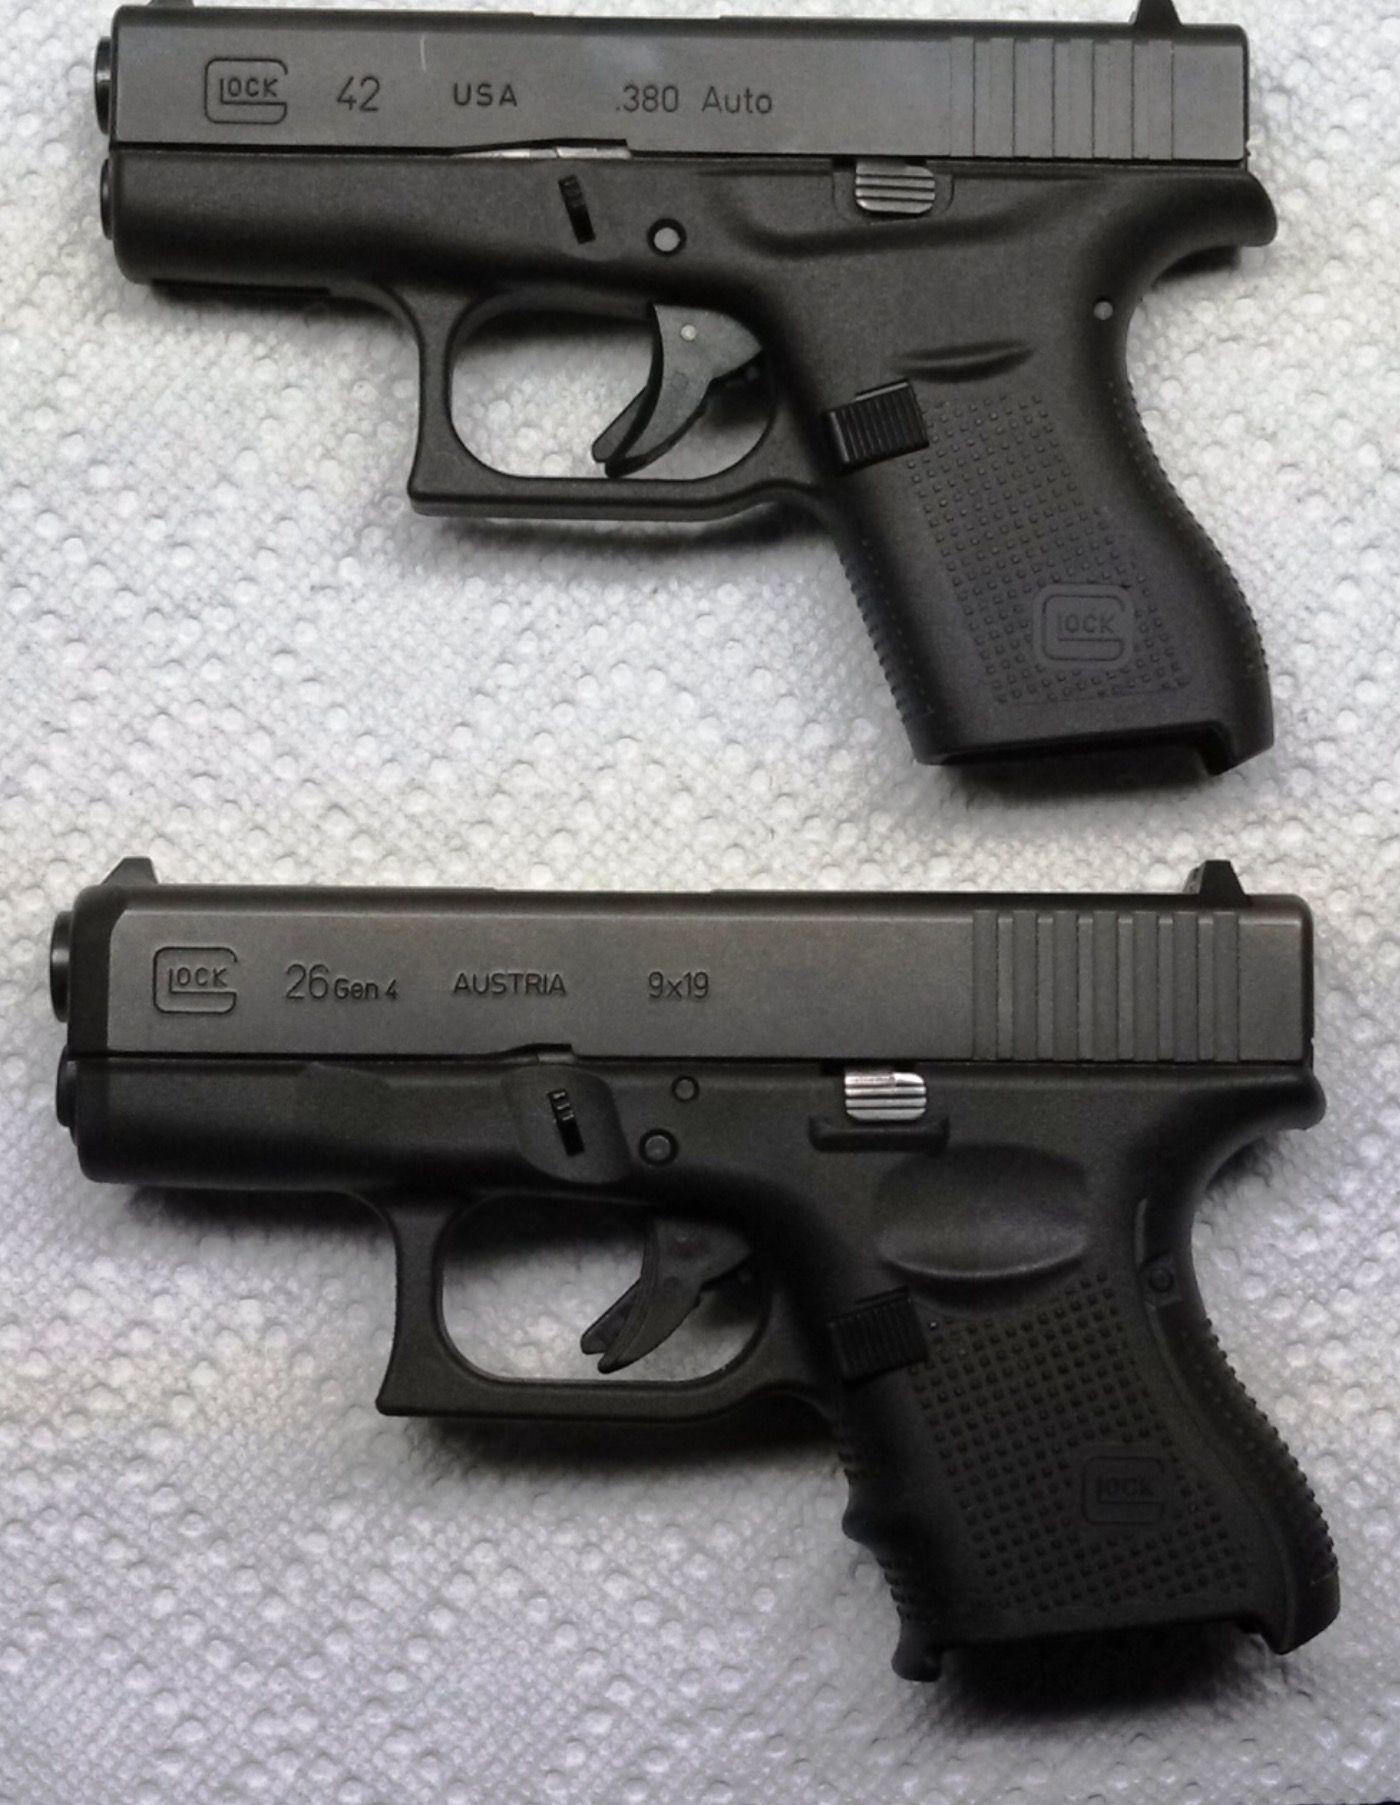 Glock 42 vs Glock 26